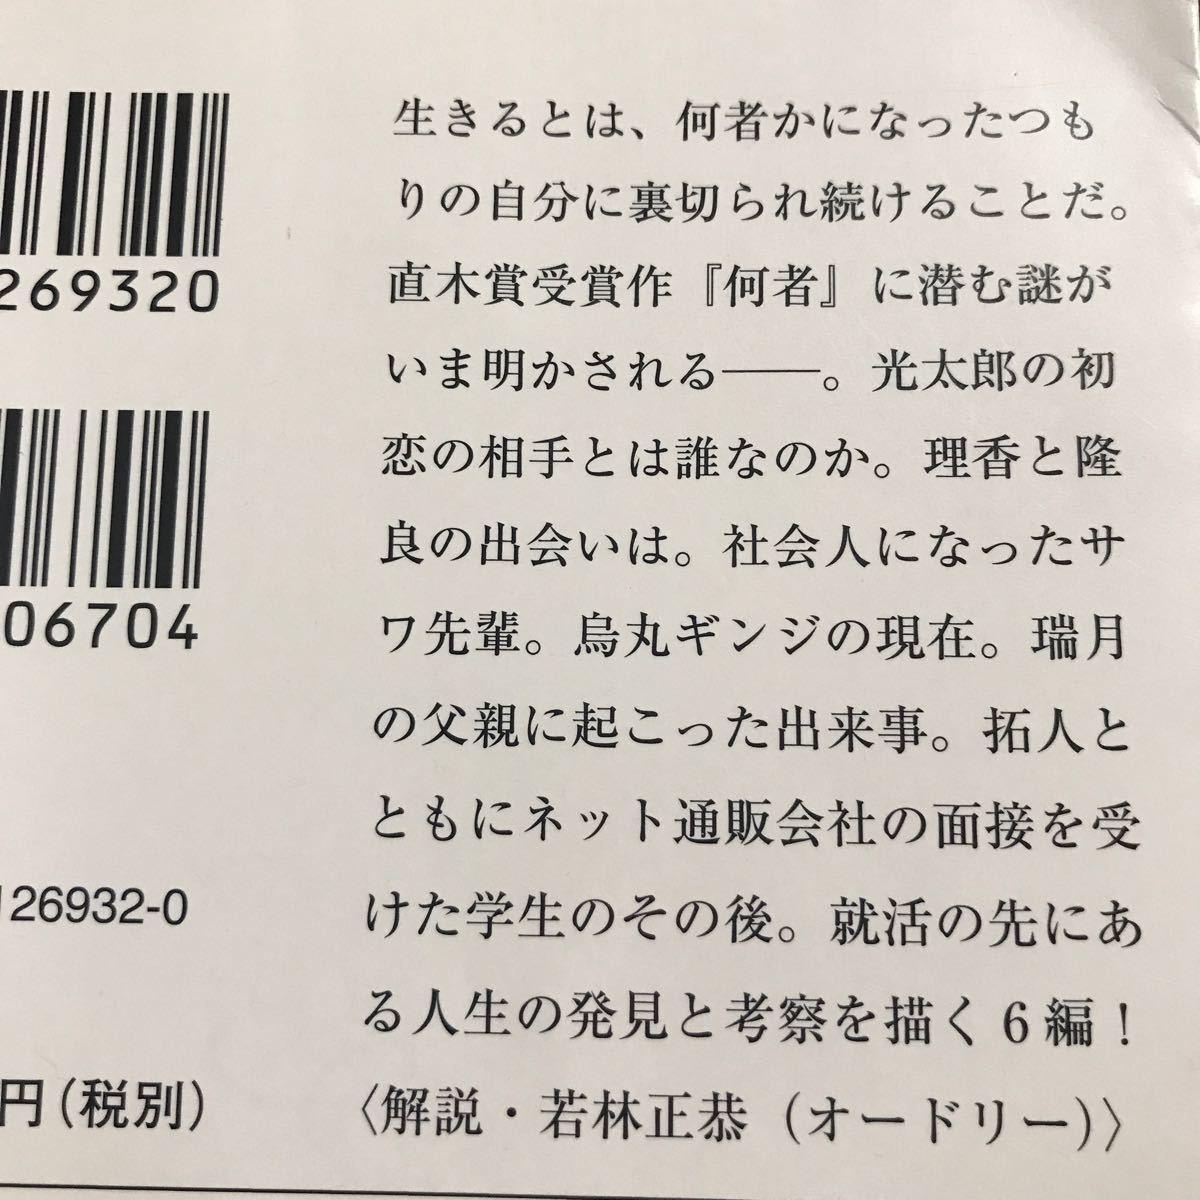 【文庫本】朝井リョウ著 何様